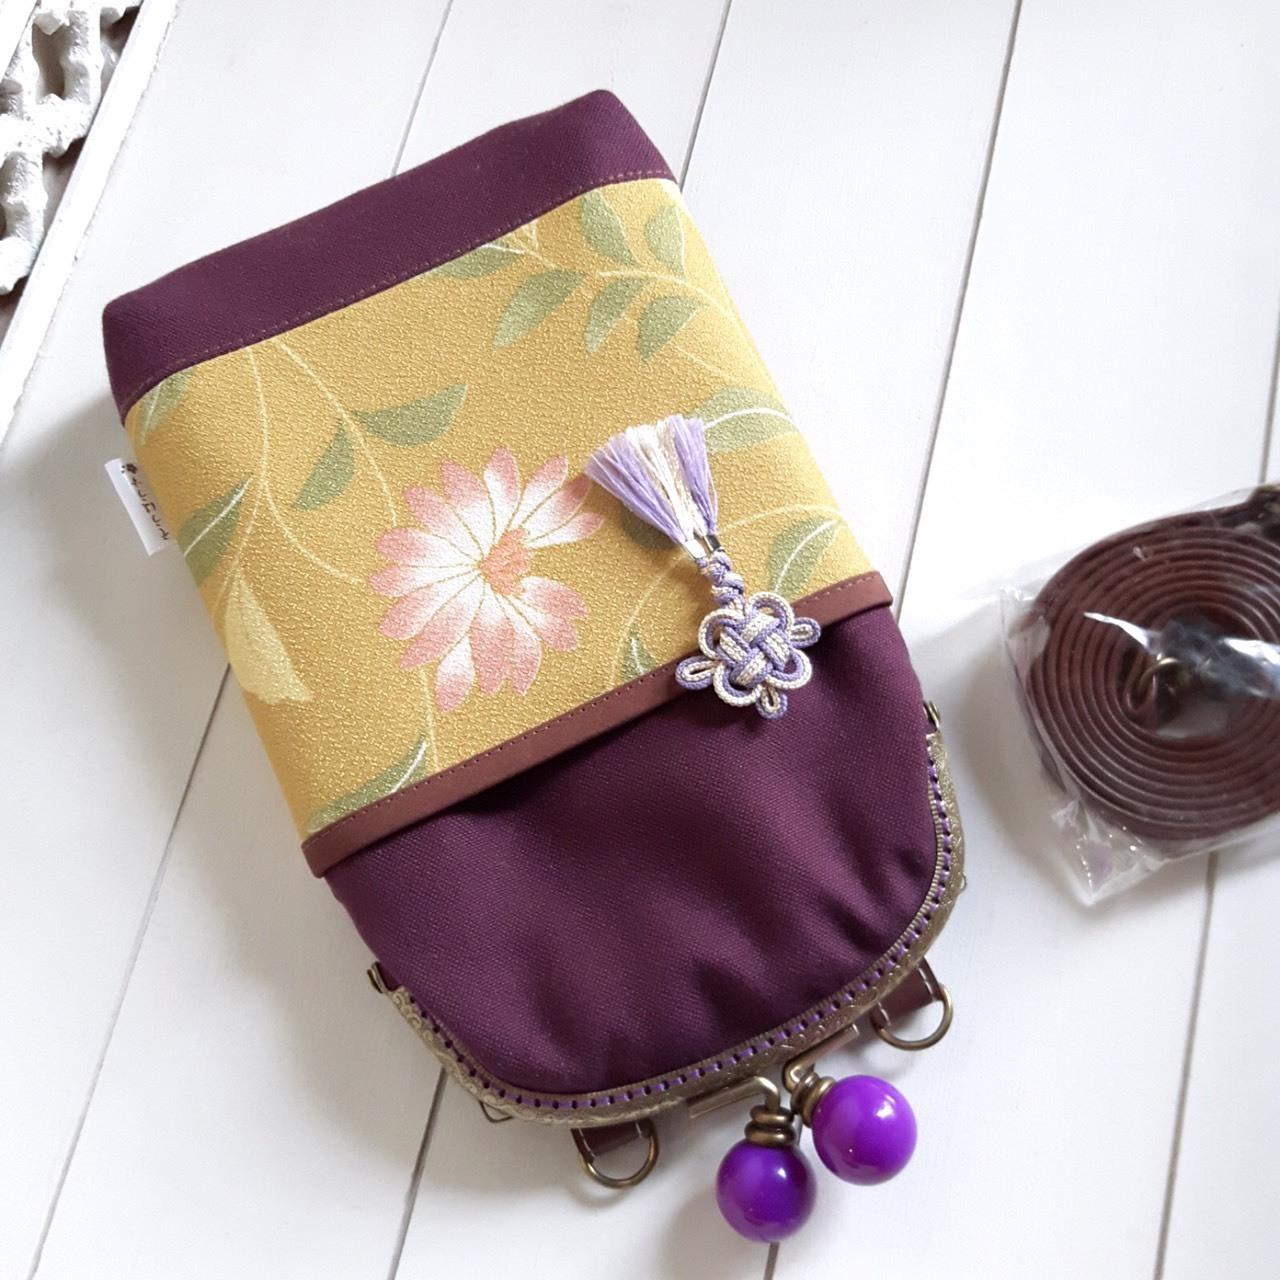 がま口 スマホポシェット(黄緑×紫)